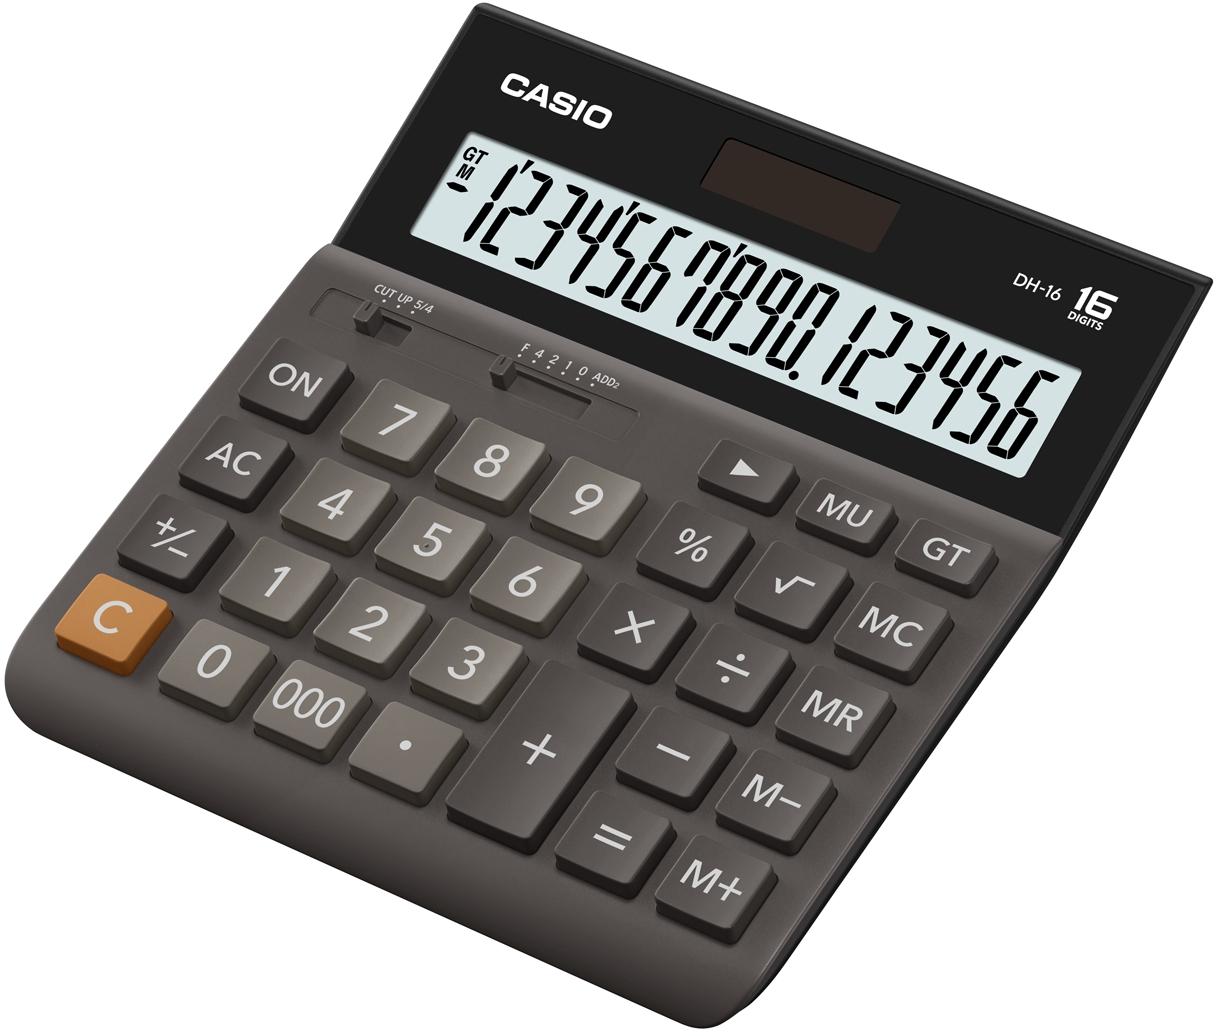 Калькулятор 16 разр. Casio настольный коричневый/черный